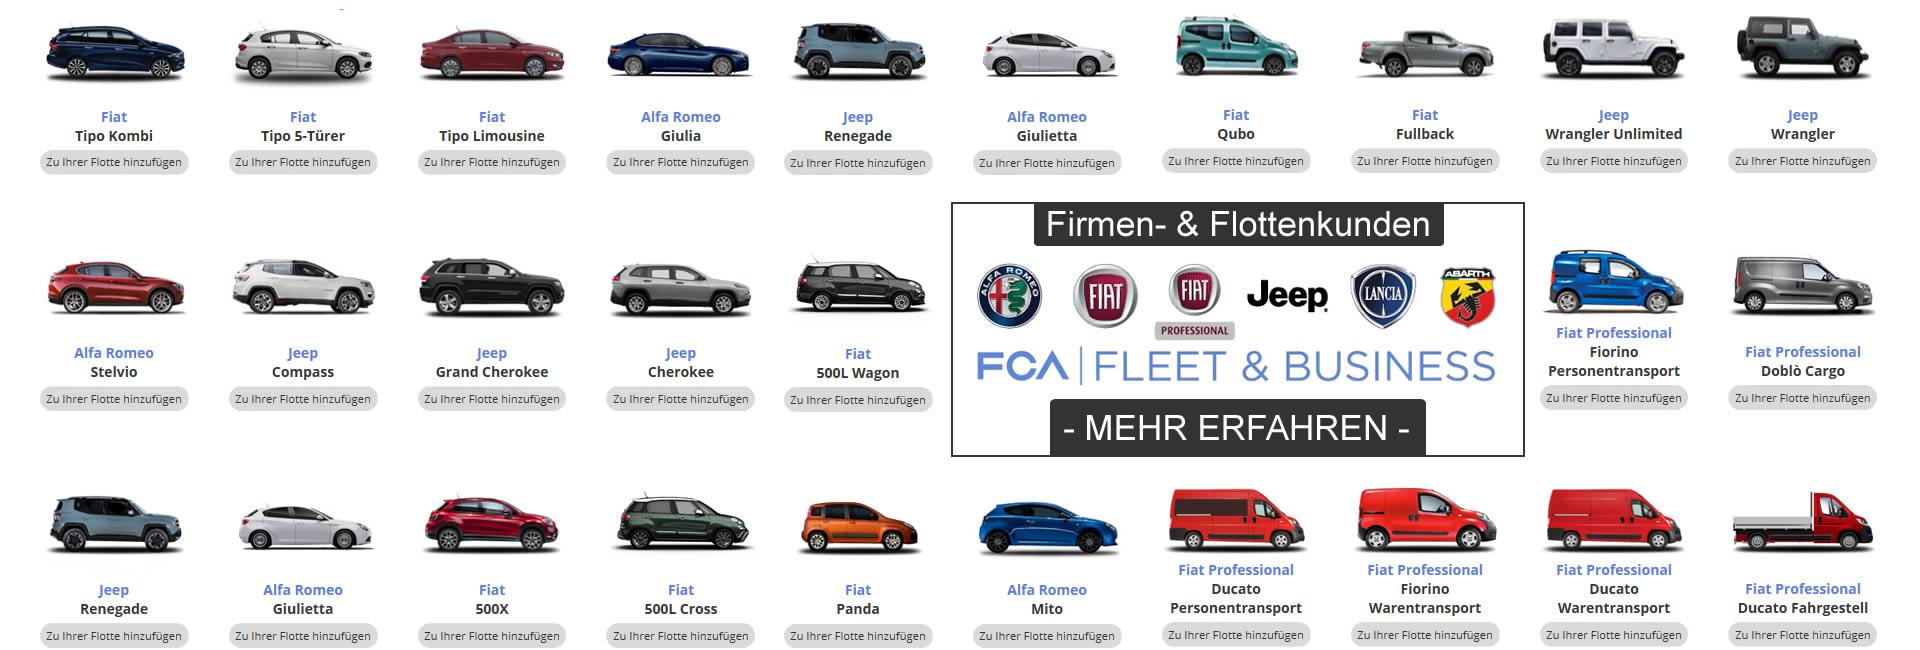 Autohaus Mayrhörmann GmbH - offizieller FCA | Fleet & Business Partner